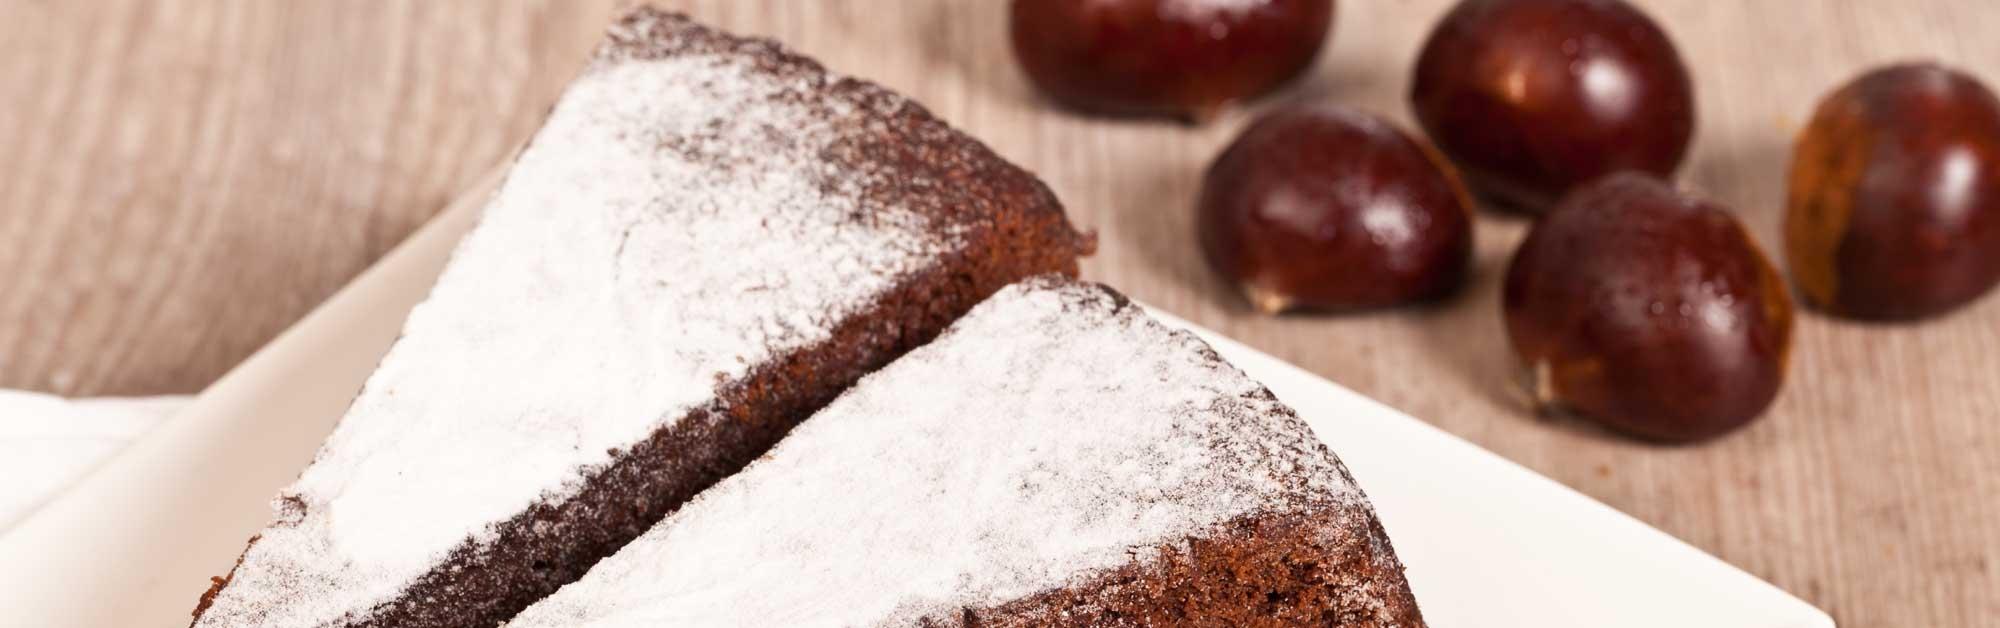 Tarta de castañas al chocolate